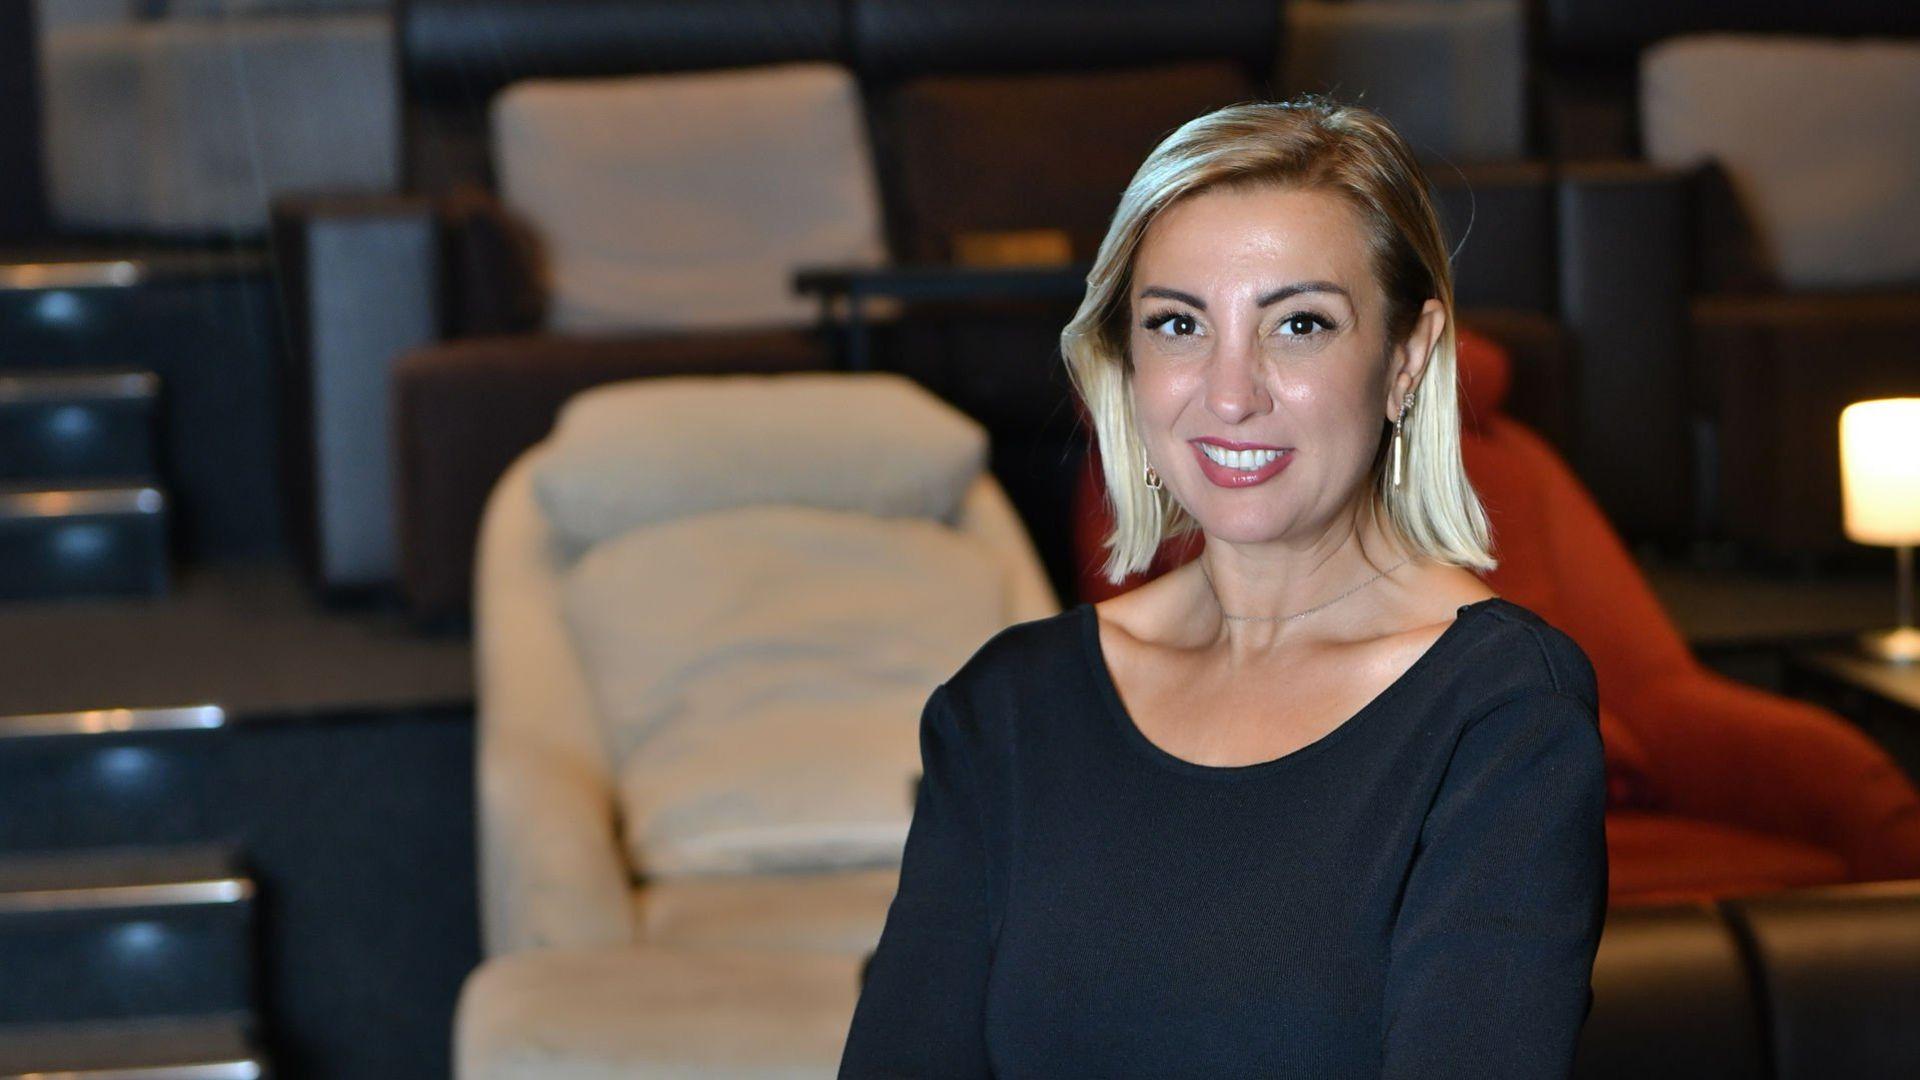 Nurdan Ulu Horozoğlu: Salon sahiplerinin işlemlerini dijitalleştirmesi gerekiyor